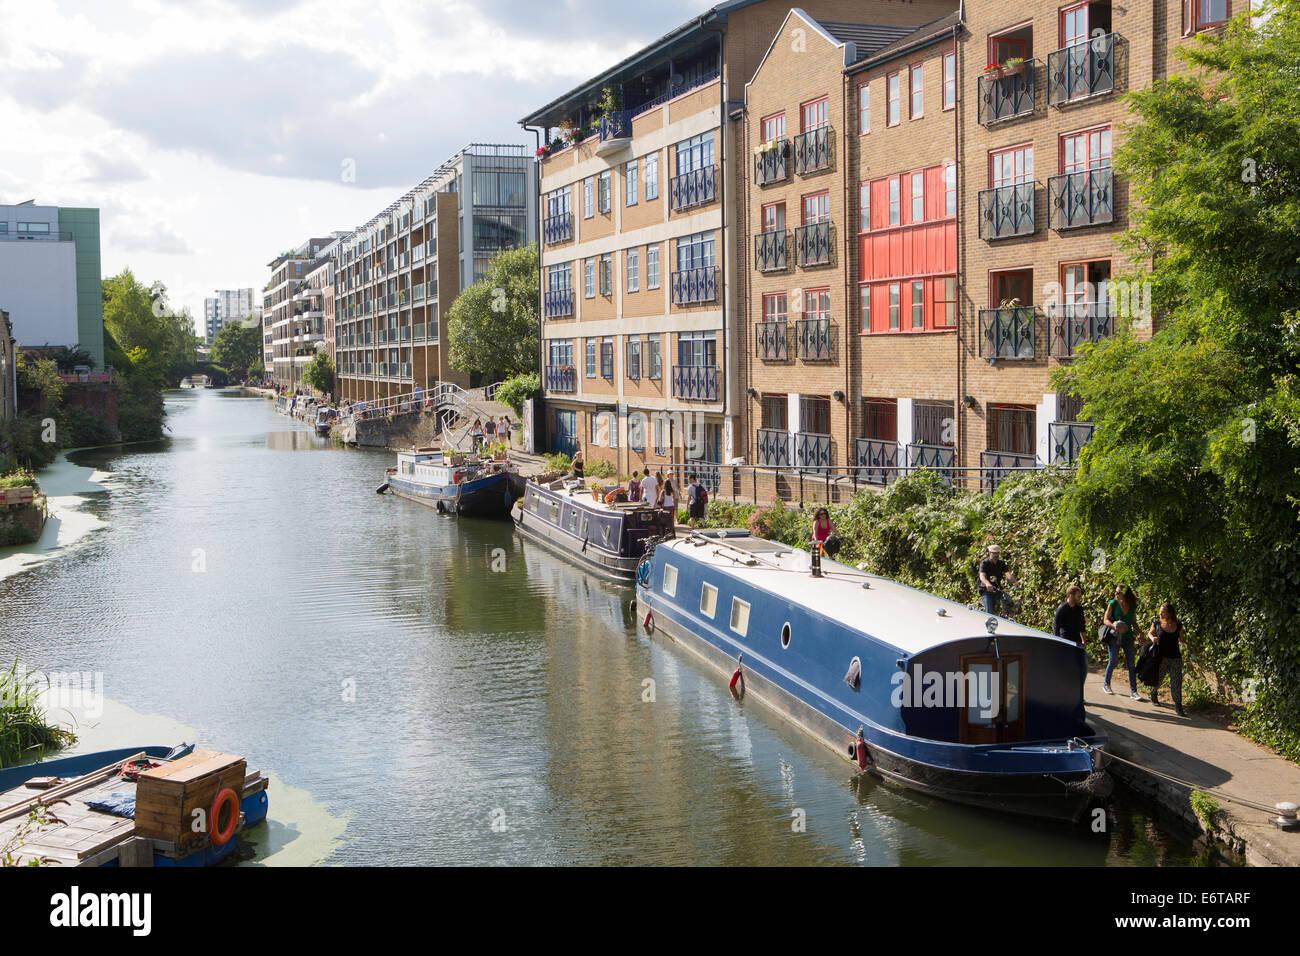 Narrowboats en el Regent's Canal cerca de Camden - parte del Grand Union Canal, Londres, Inglaterra Imagen De Stock